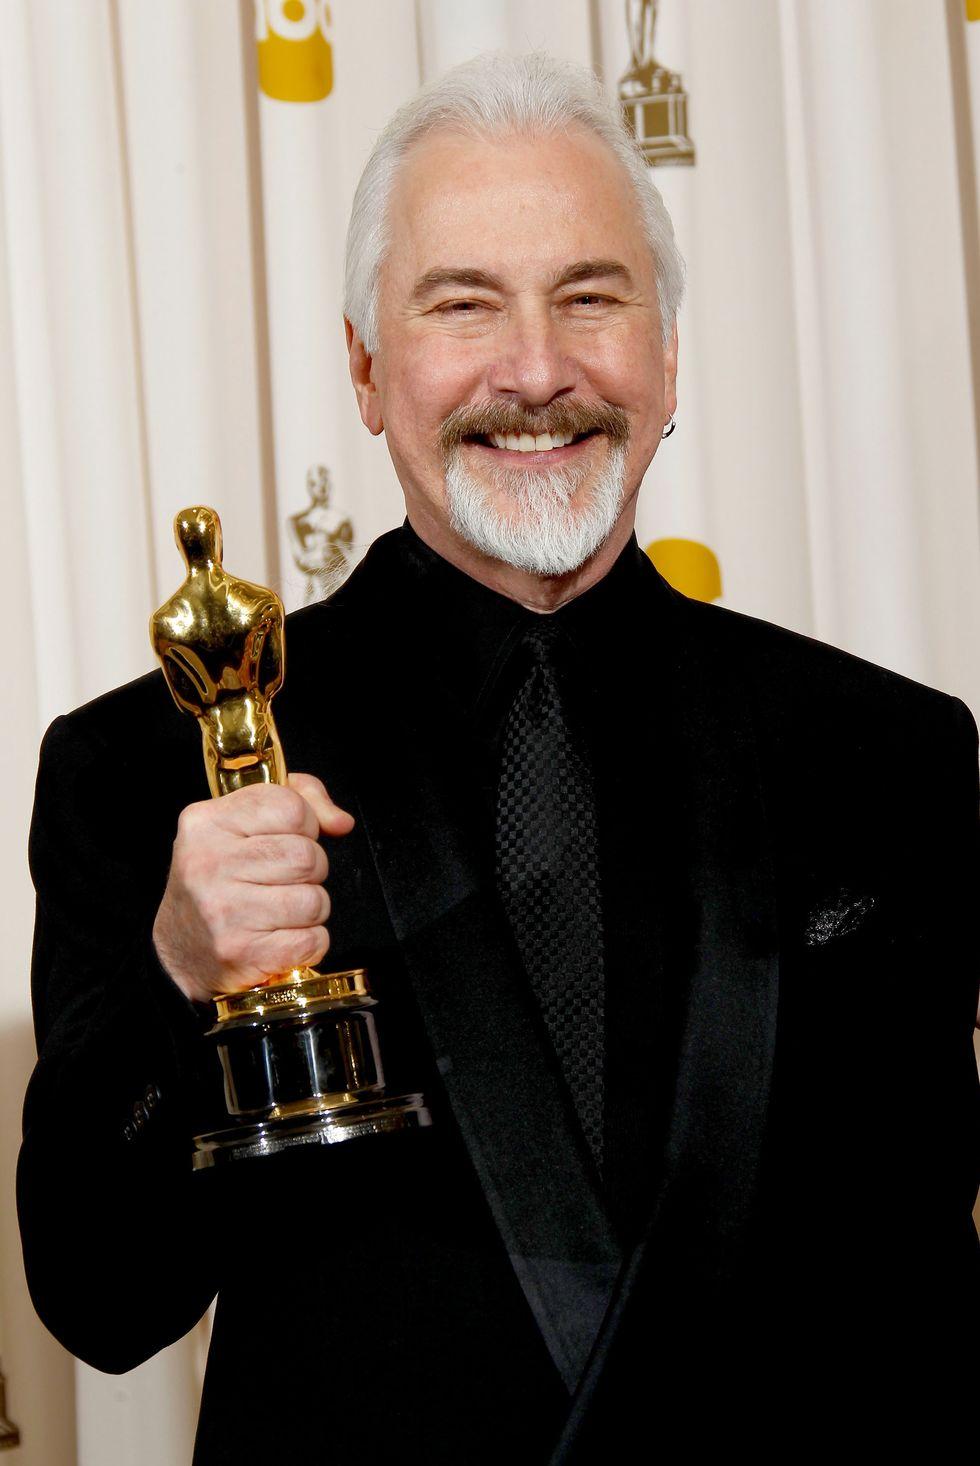 رکورد جایزه اسکار ریک بیکر